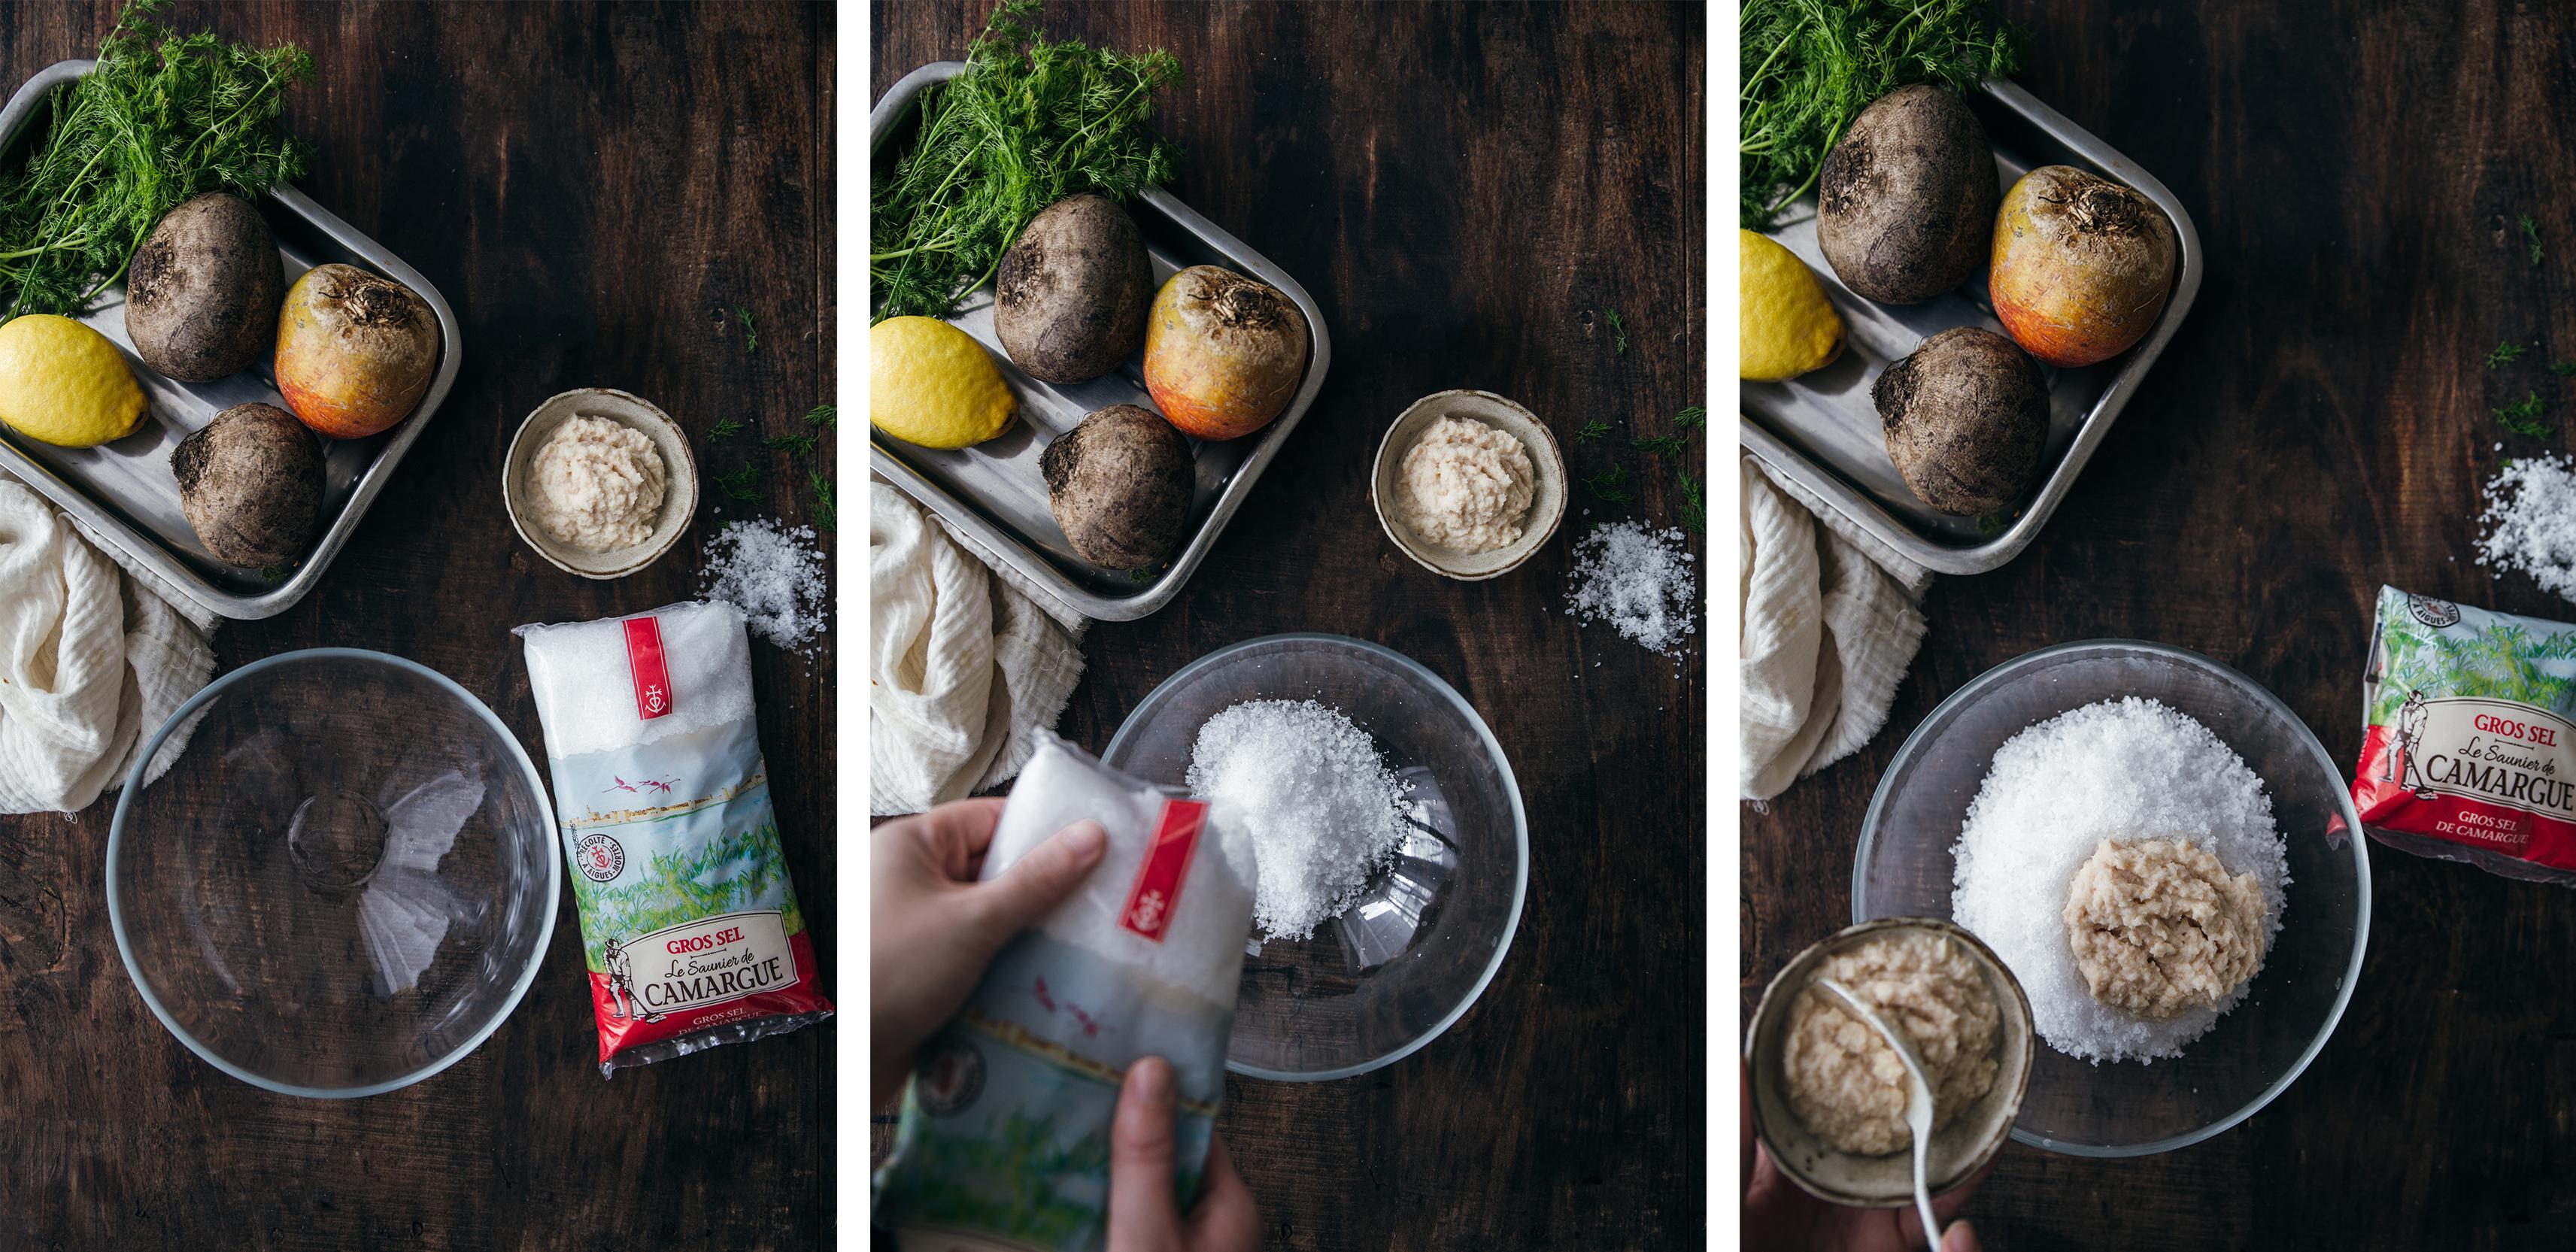 Betterave en croute de sel par Plus une miette dans l'assiette